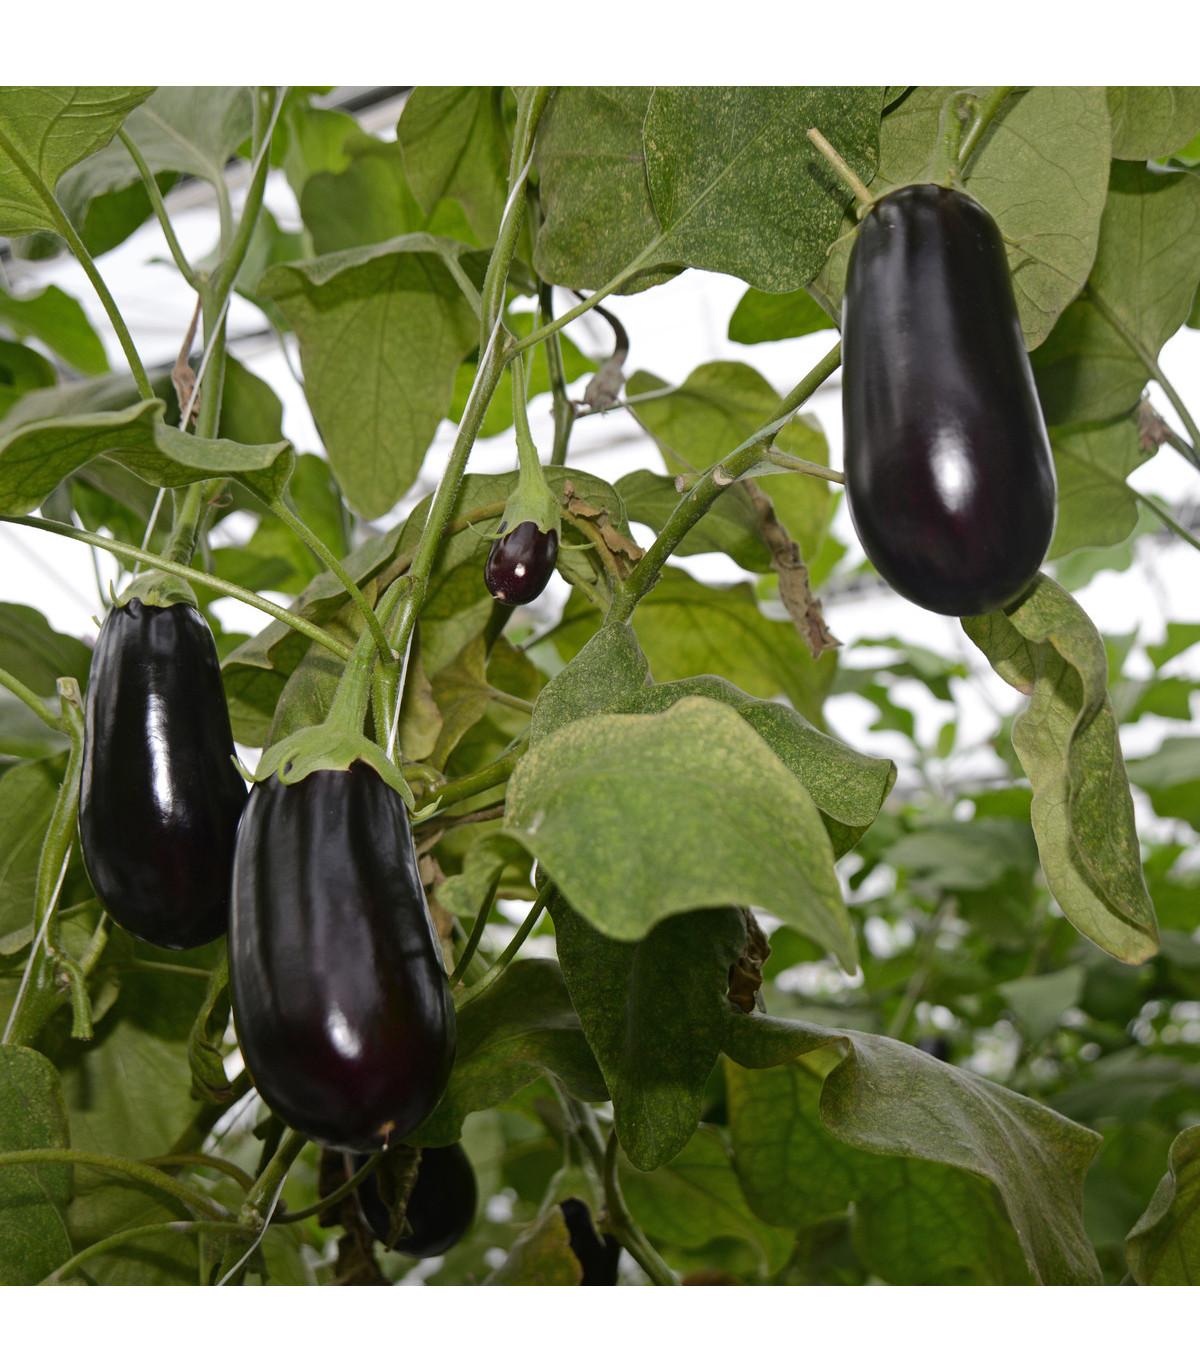 Baklažán vajcoplodý Black Beauty - Solanum melongena - semená - 60 ks